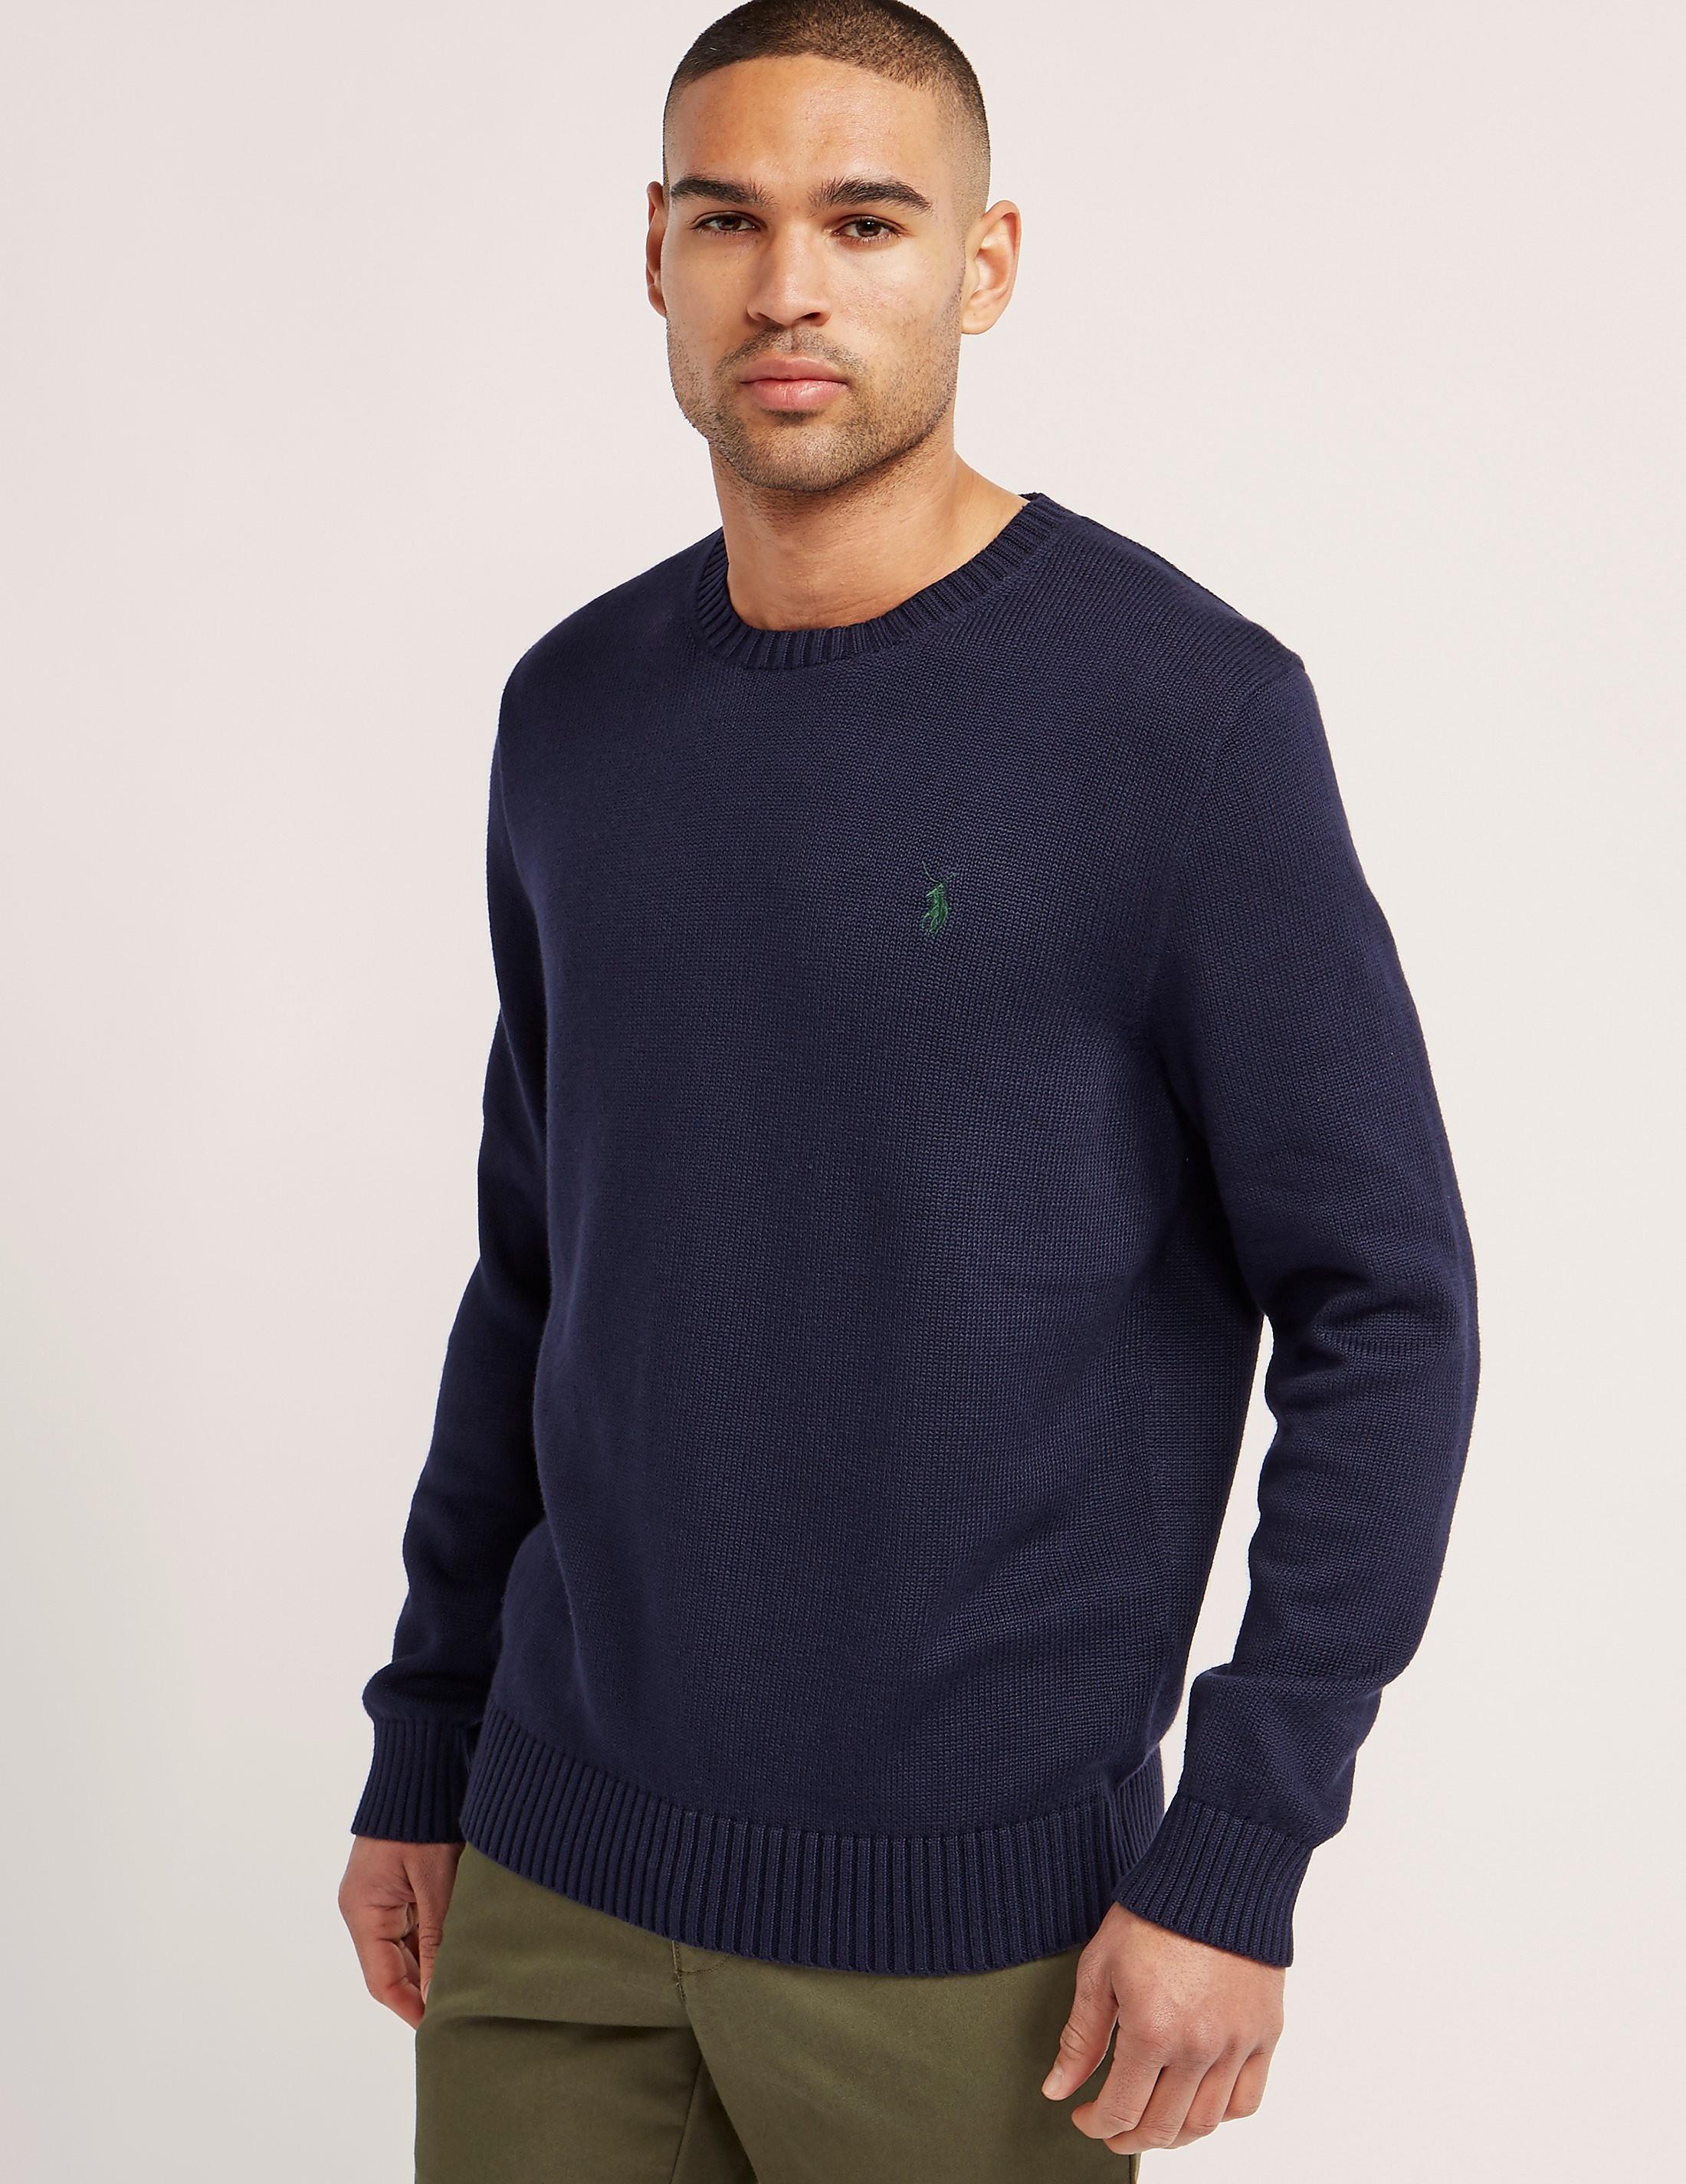 Polo Ralph Lauren Cotton Crew Knit